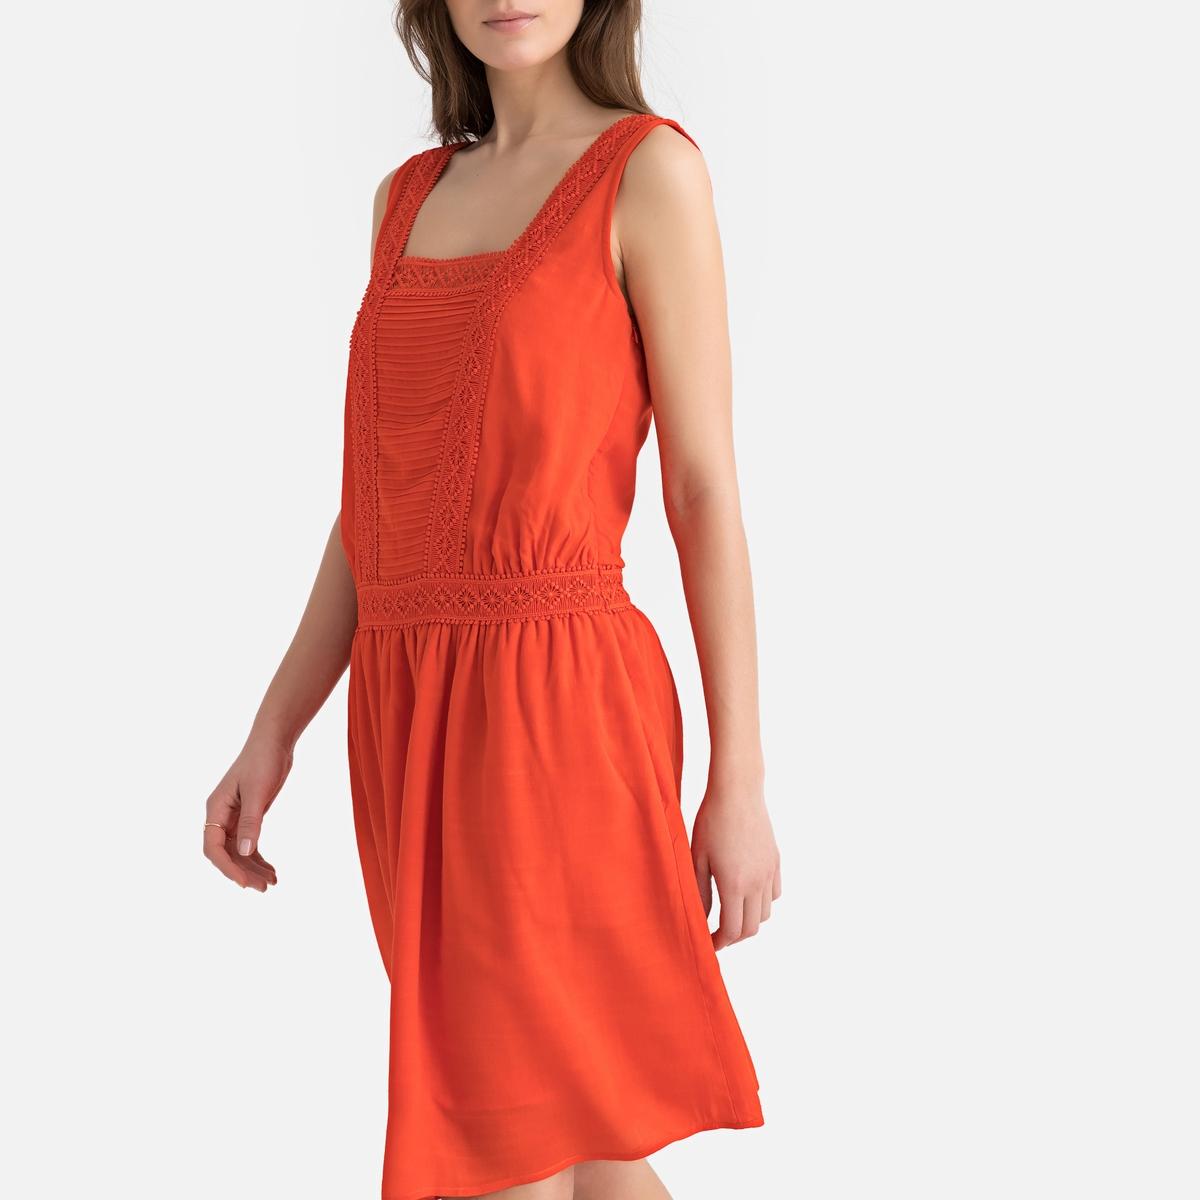 Платье La Redoute Прямое средней длины без рукавов 34 (FR) - 40 (RUS) оранжевый платье прямое средней длины однотонное без рукавов